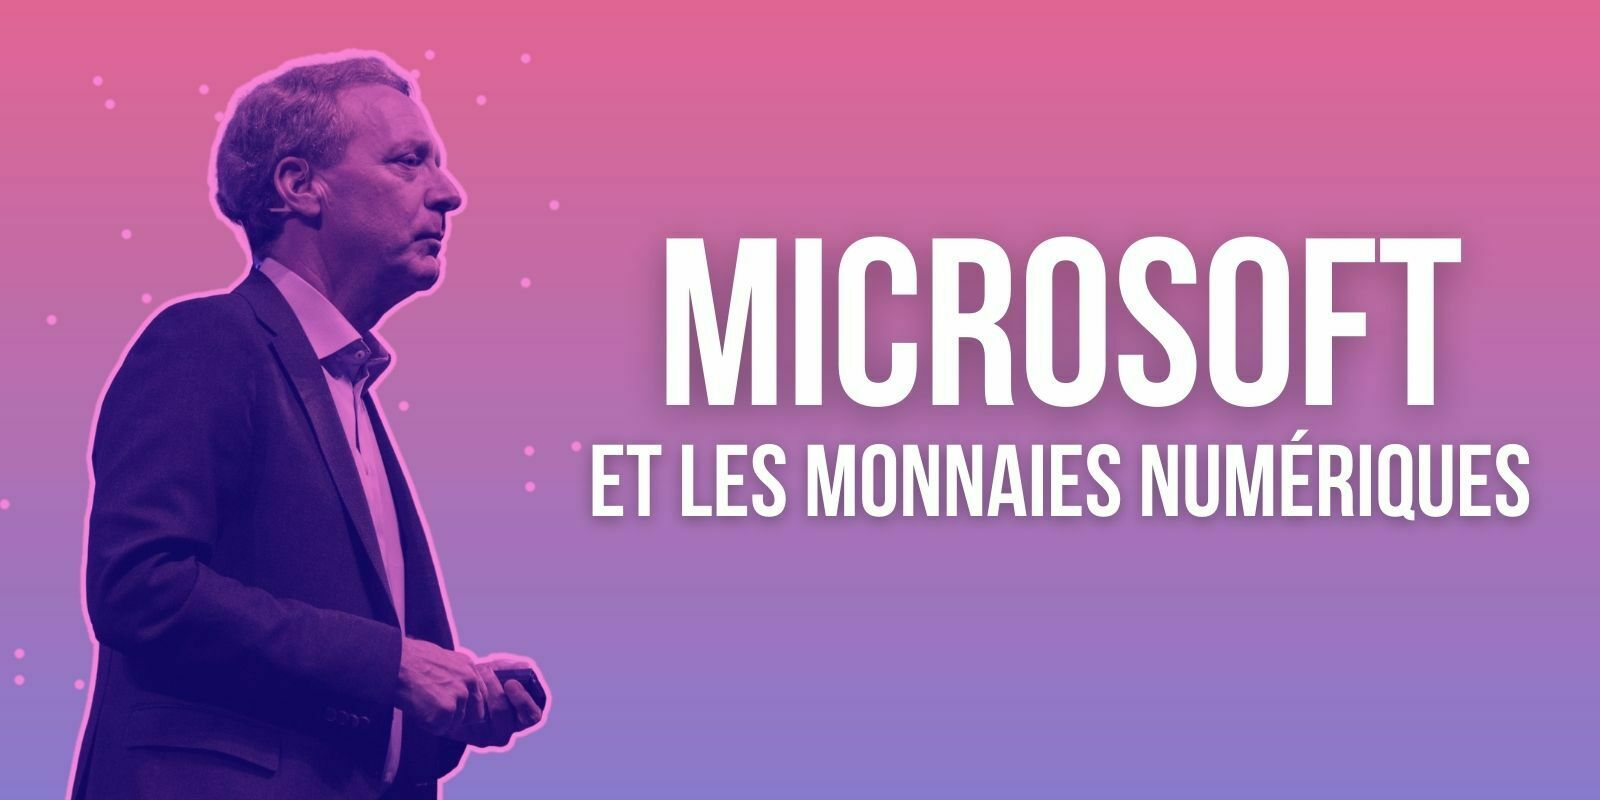 Les monnaies numériques sont réservées aux banques, selon le président de Microsoft